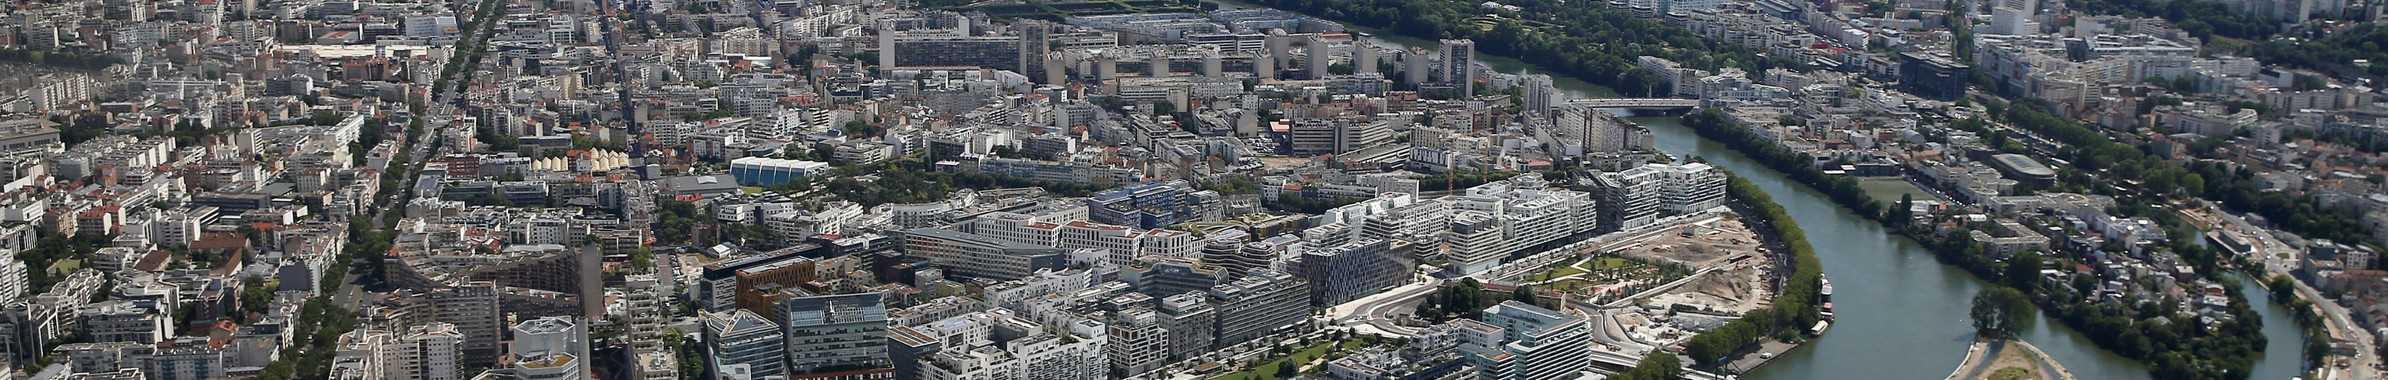 Boulogne-Billancourt vu de haut